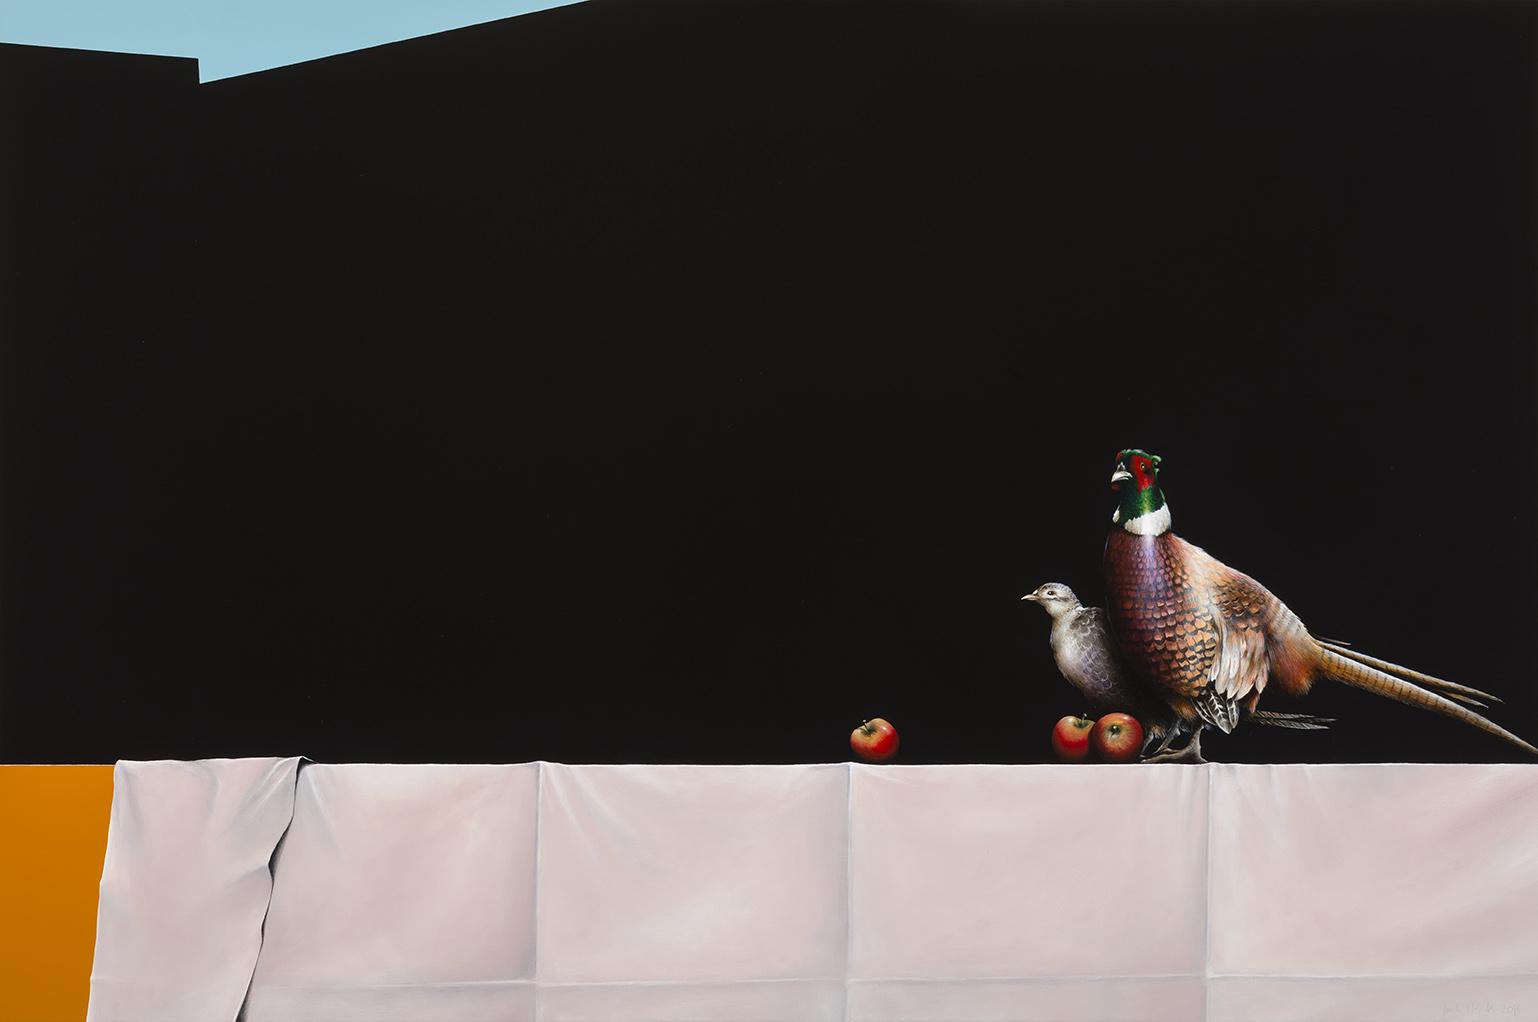 Jarek Wojcik, The Narrator (2) , 2014, acrylic on linen, 102 x 153cm